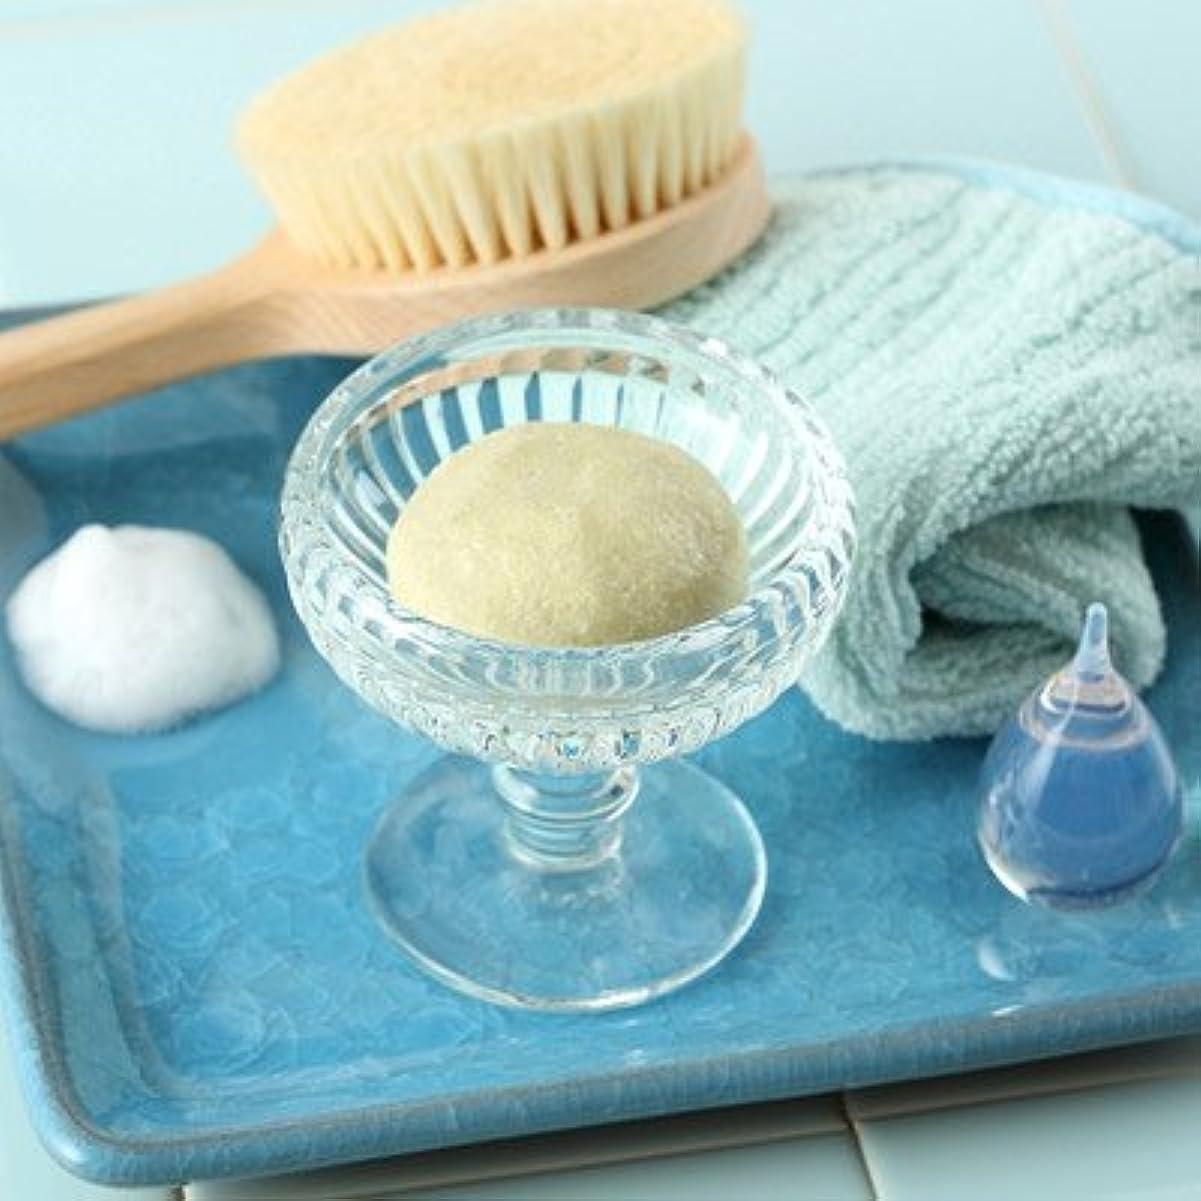 シールド微生物廃棄敏感肌の方にも安心してお使いいただける石鹸 玉川小町「シルクと白樺の無添加手練り石けん(極)80g」